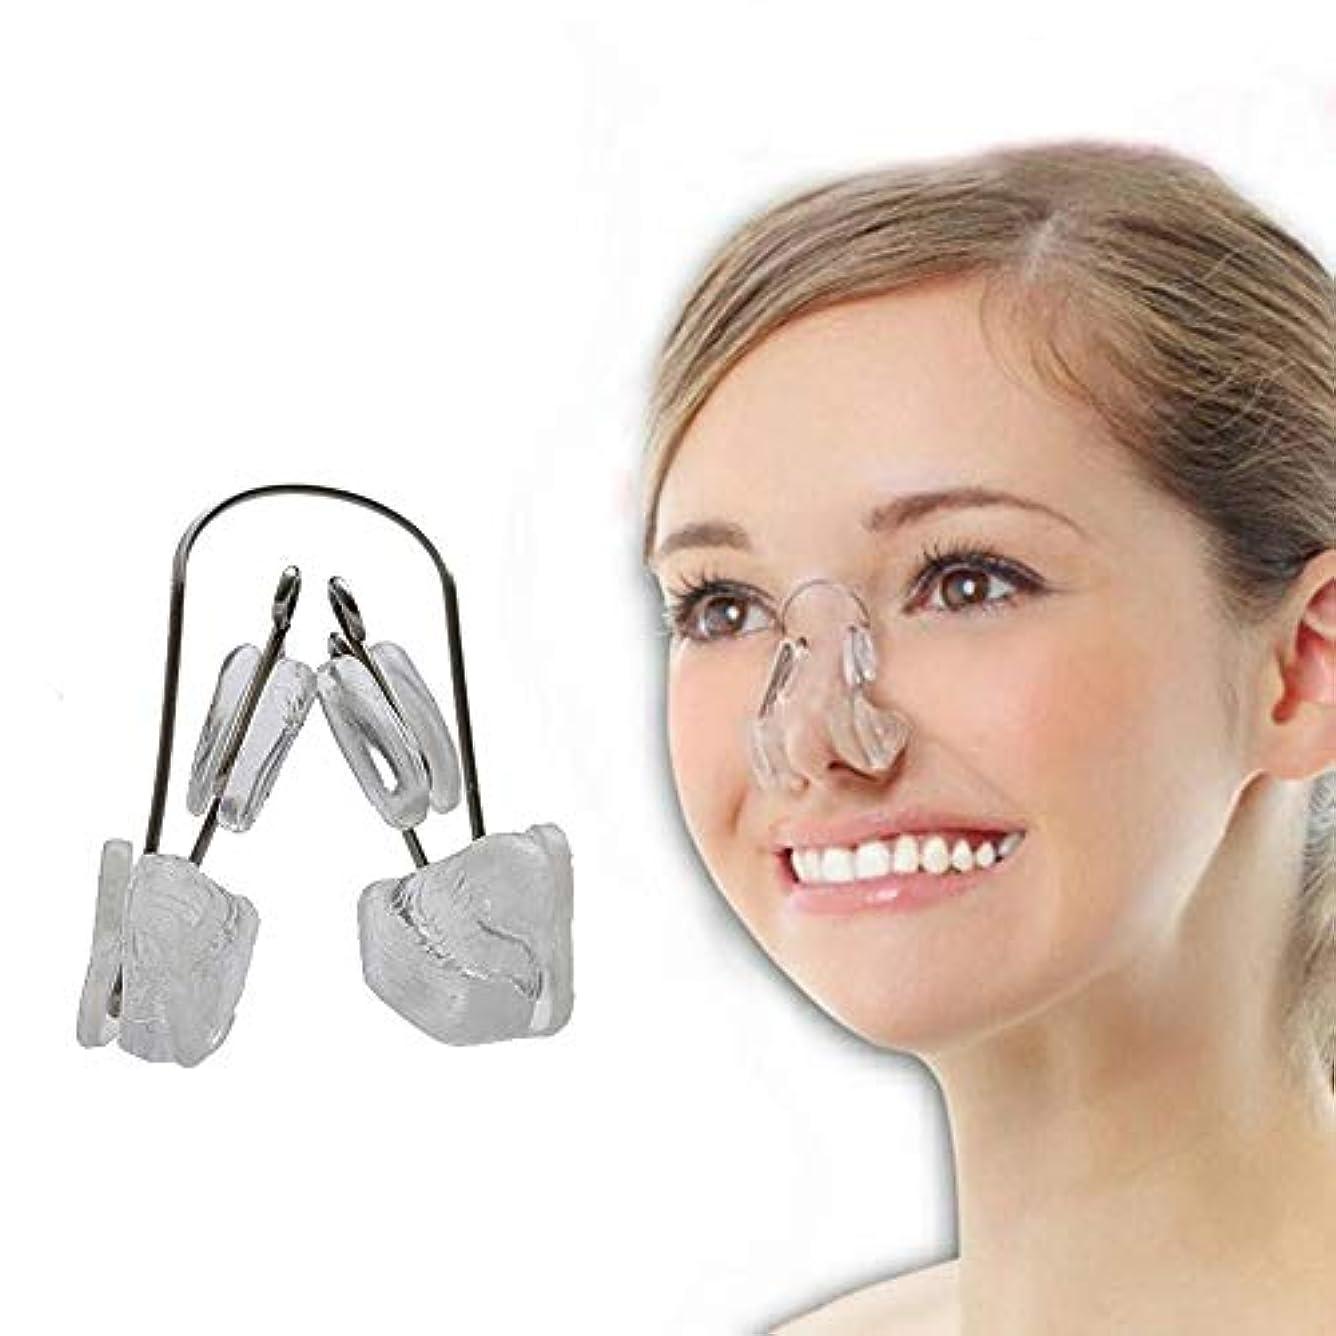 喜ぶ衝突職業Lindexs ないノーズアップピン ノーズアップピン 美鼻クリップ 鼻高く 鼻筋 矯正 (クリア)